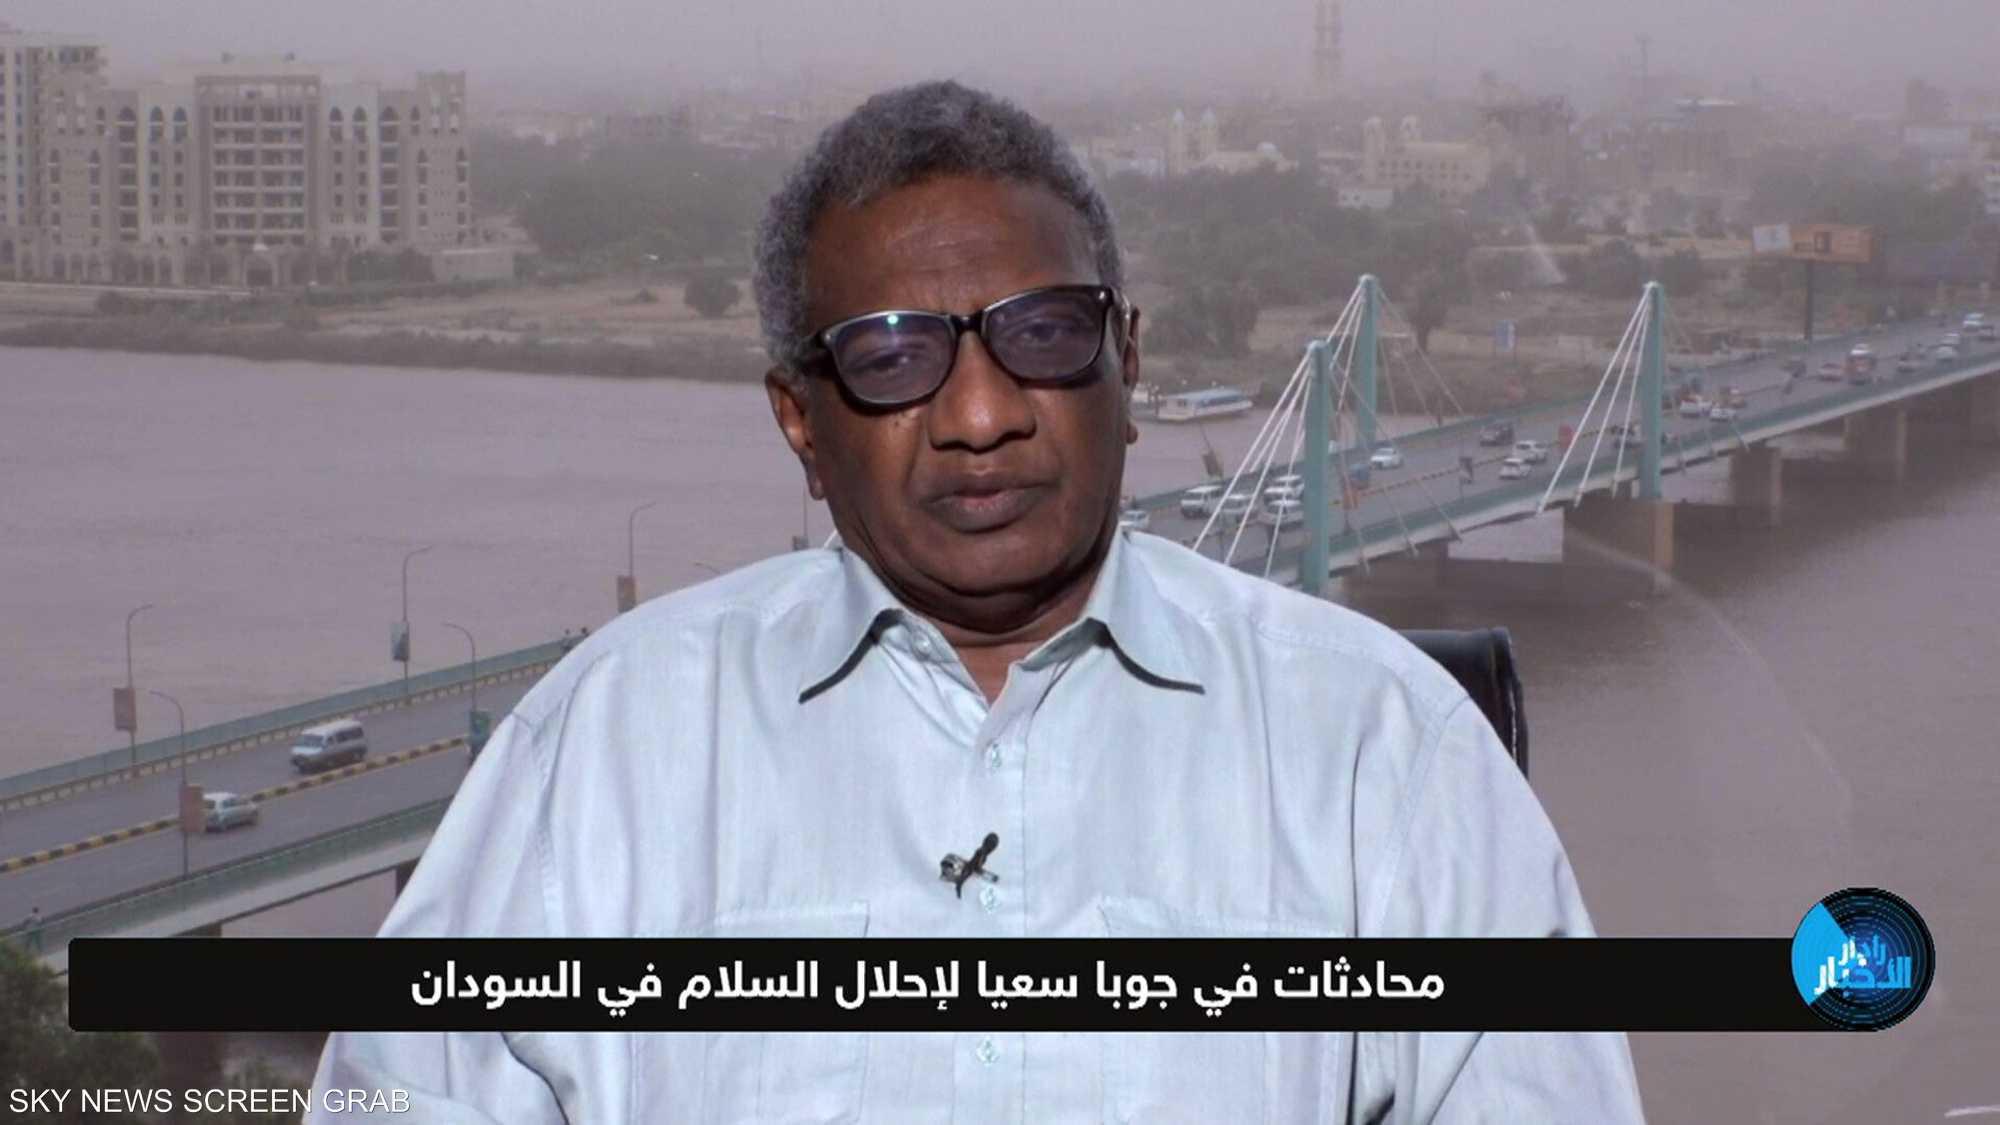 محادثات في جوبا سعيا لإحلال السلام في السودان